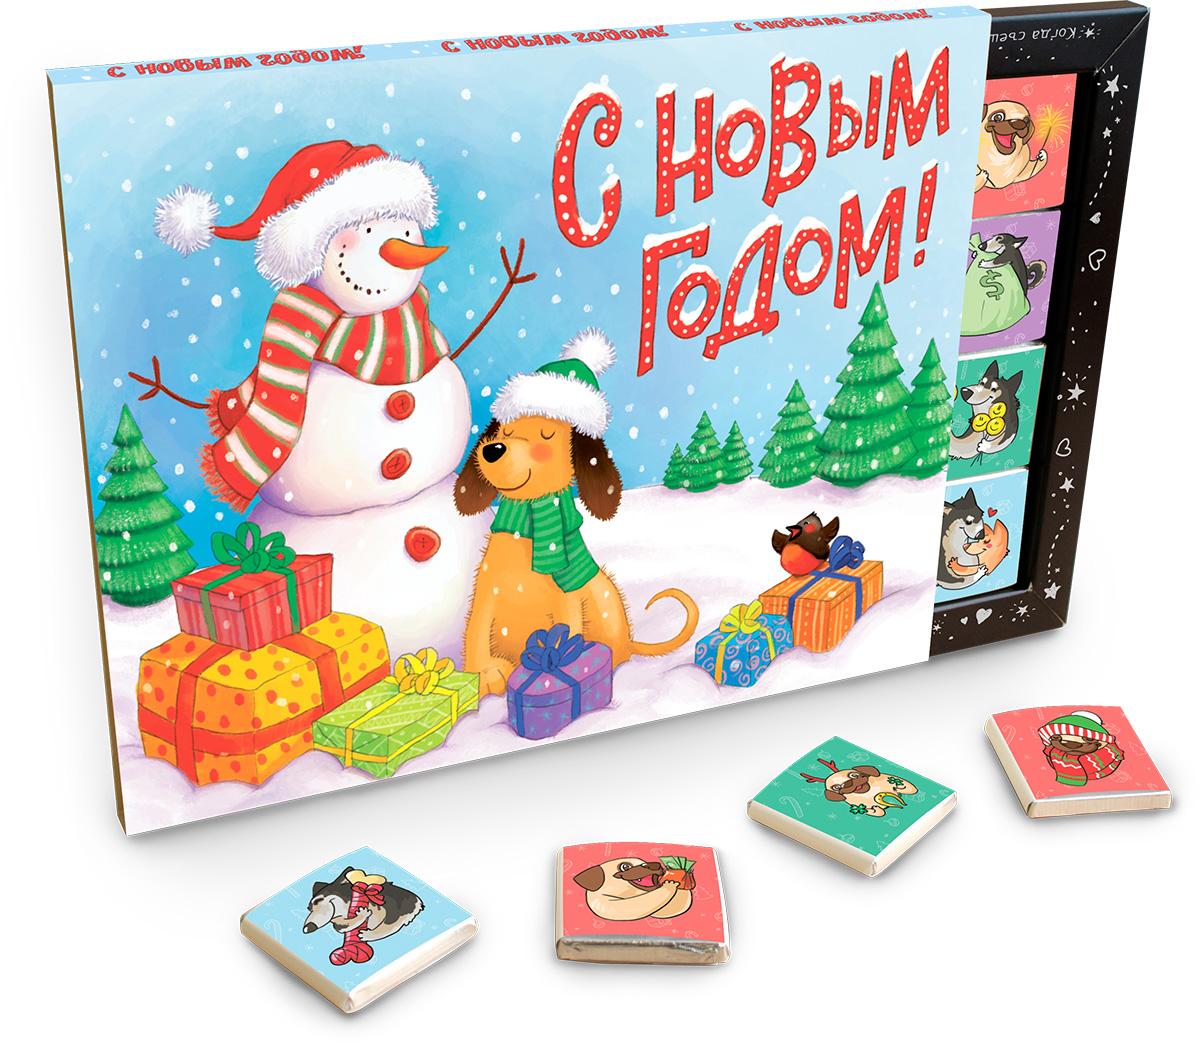 Chokocat Символ года молочный шоколад, 100 гБИГ015Шоколадный набор Символ года- подарит яркие и красочные новогодние поздравления от символа года! Набор из 20 молочных шоколадок высшего сорта, каждая из которых завернута в оригинальную этикетку с иллюстрацией и надписью - станет прекрасным дополнением к подарку или же самостоятельным подарком.